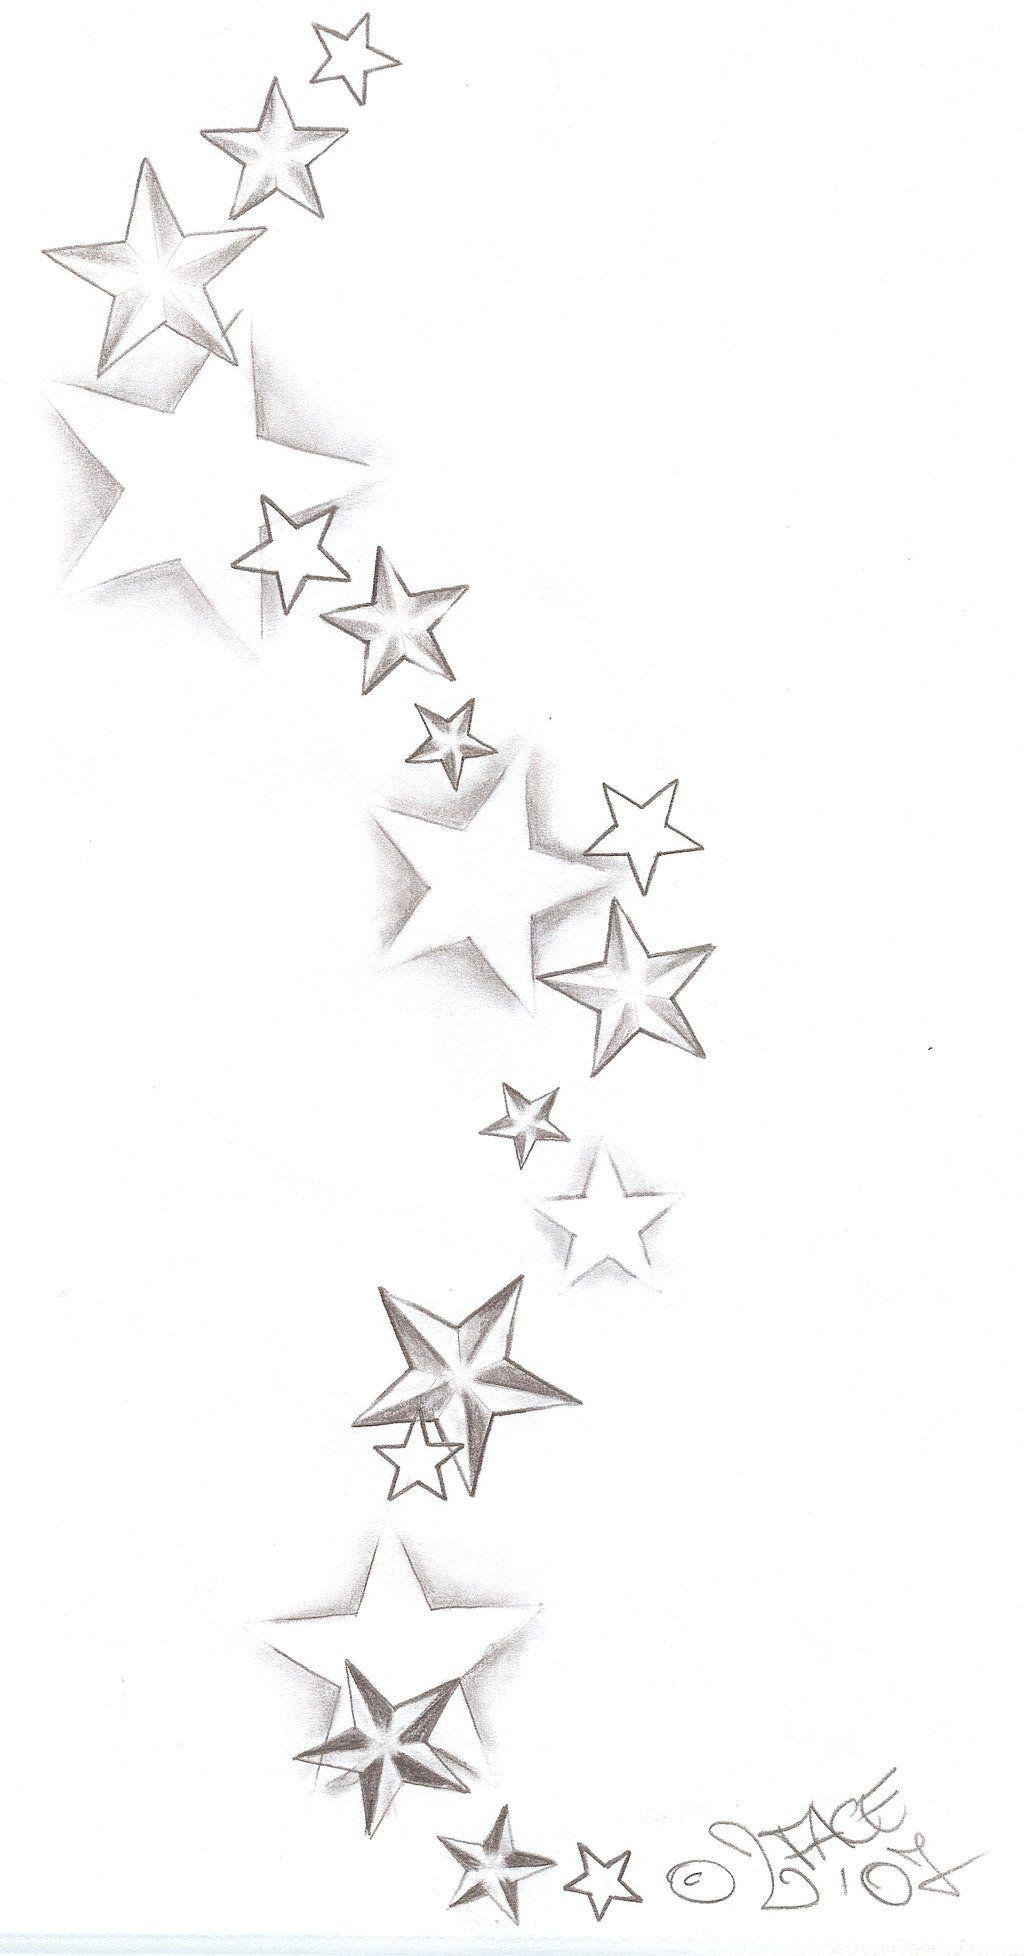 Verzauberkunst Tattoo Mit Sternen Ideen Von Tattooflash Stars Shadings By 2face-tattoo.deviantartreview On @deviantart